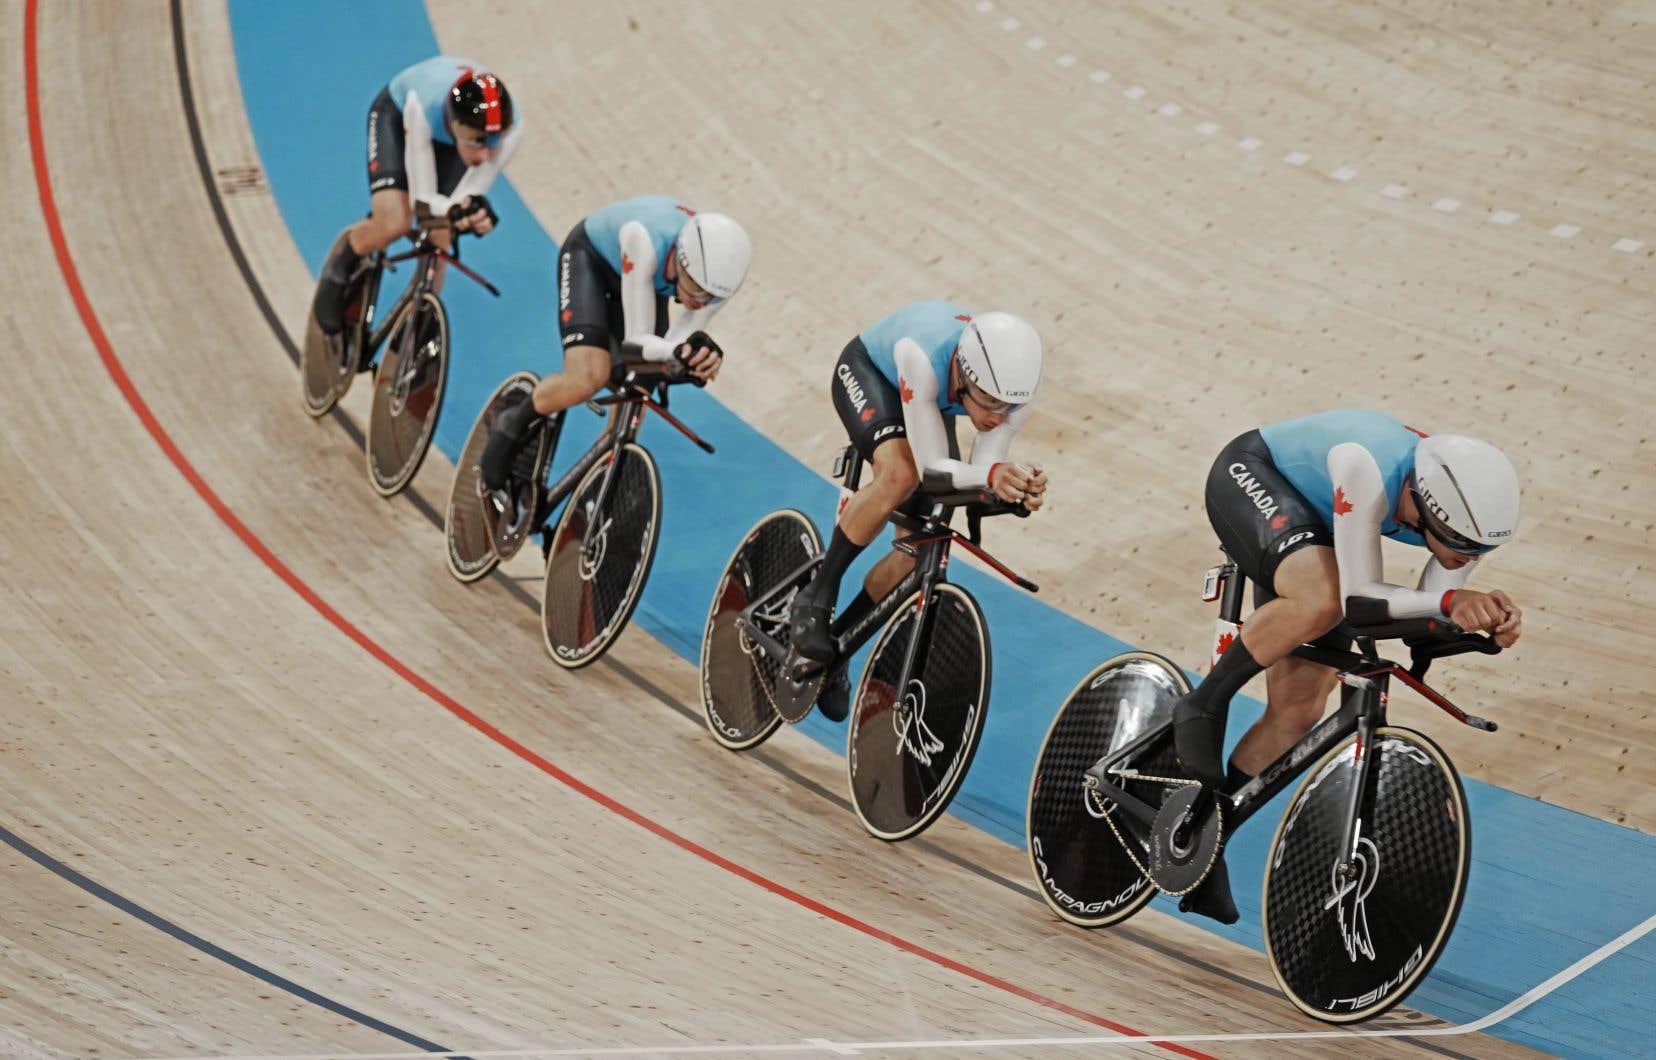 Le Canada a envoyé sa plus imposante équipe de cyclisme au Japon, alors que 12 cyclistes prennent part à la compétition cette semaine.